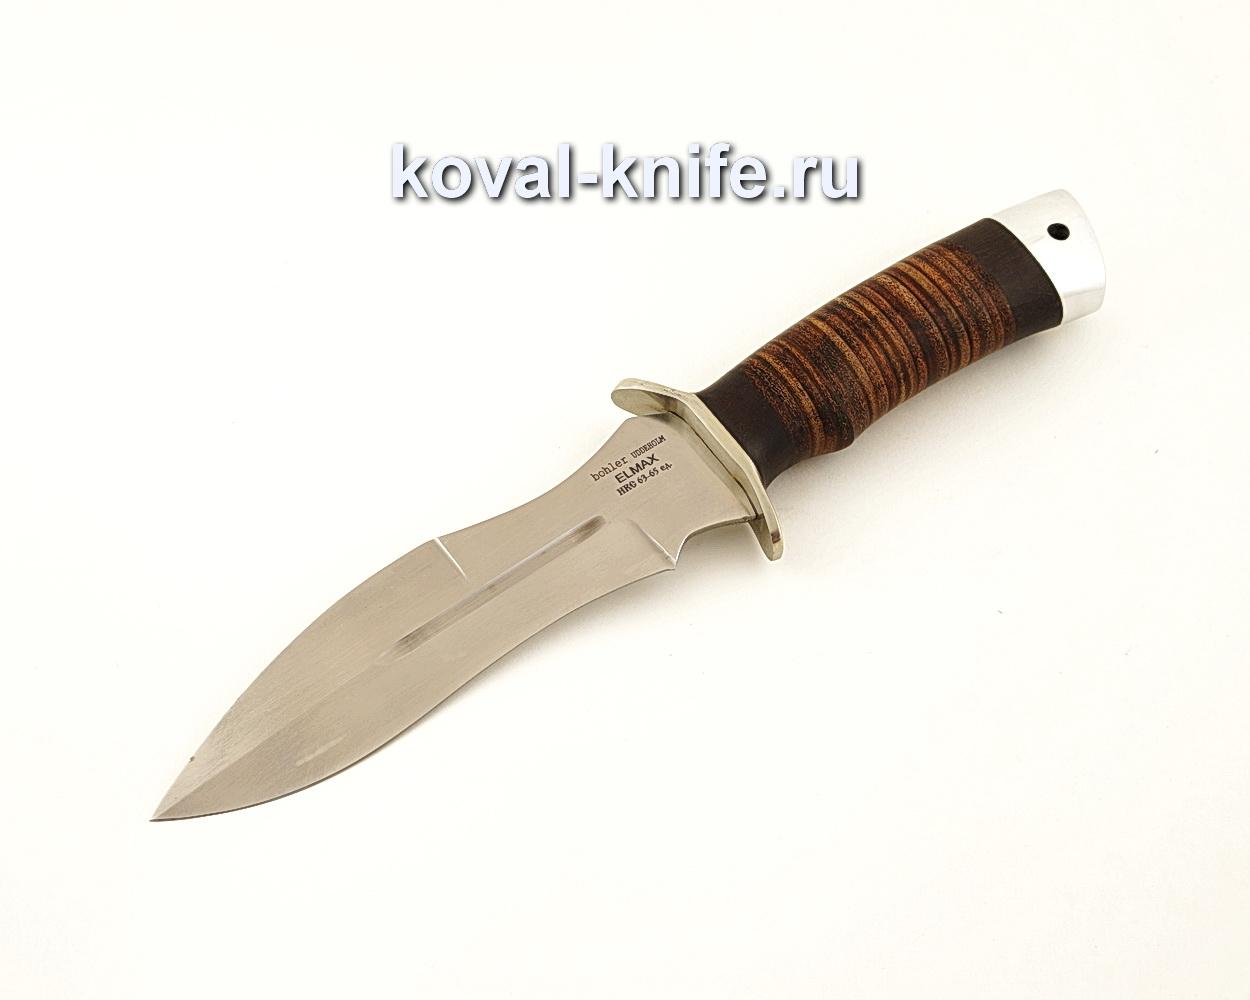 Нож Каратель из порошковой стали Elmax A624